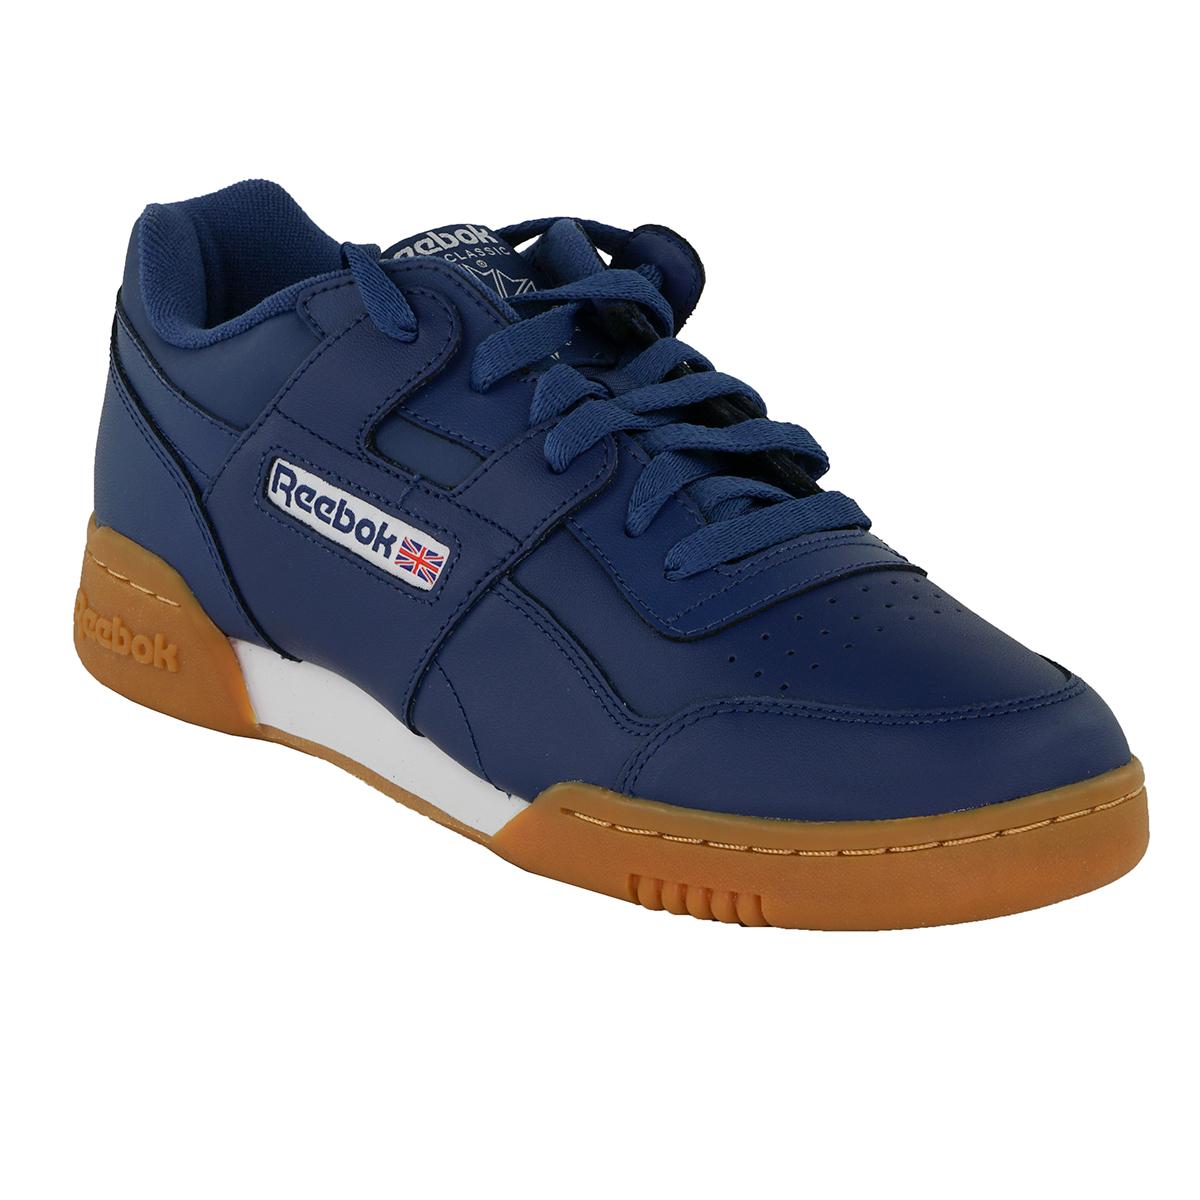 Details about Reebok Men s Workout Plus Shoes 4e799f8d9